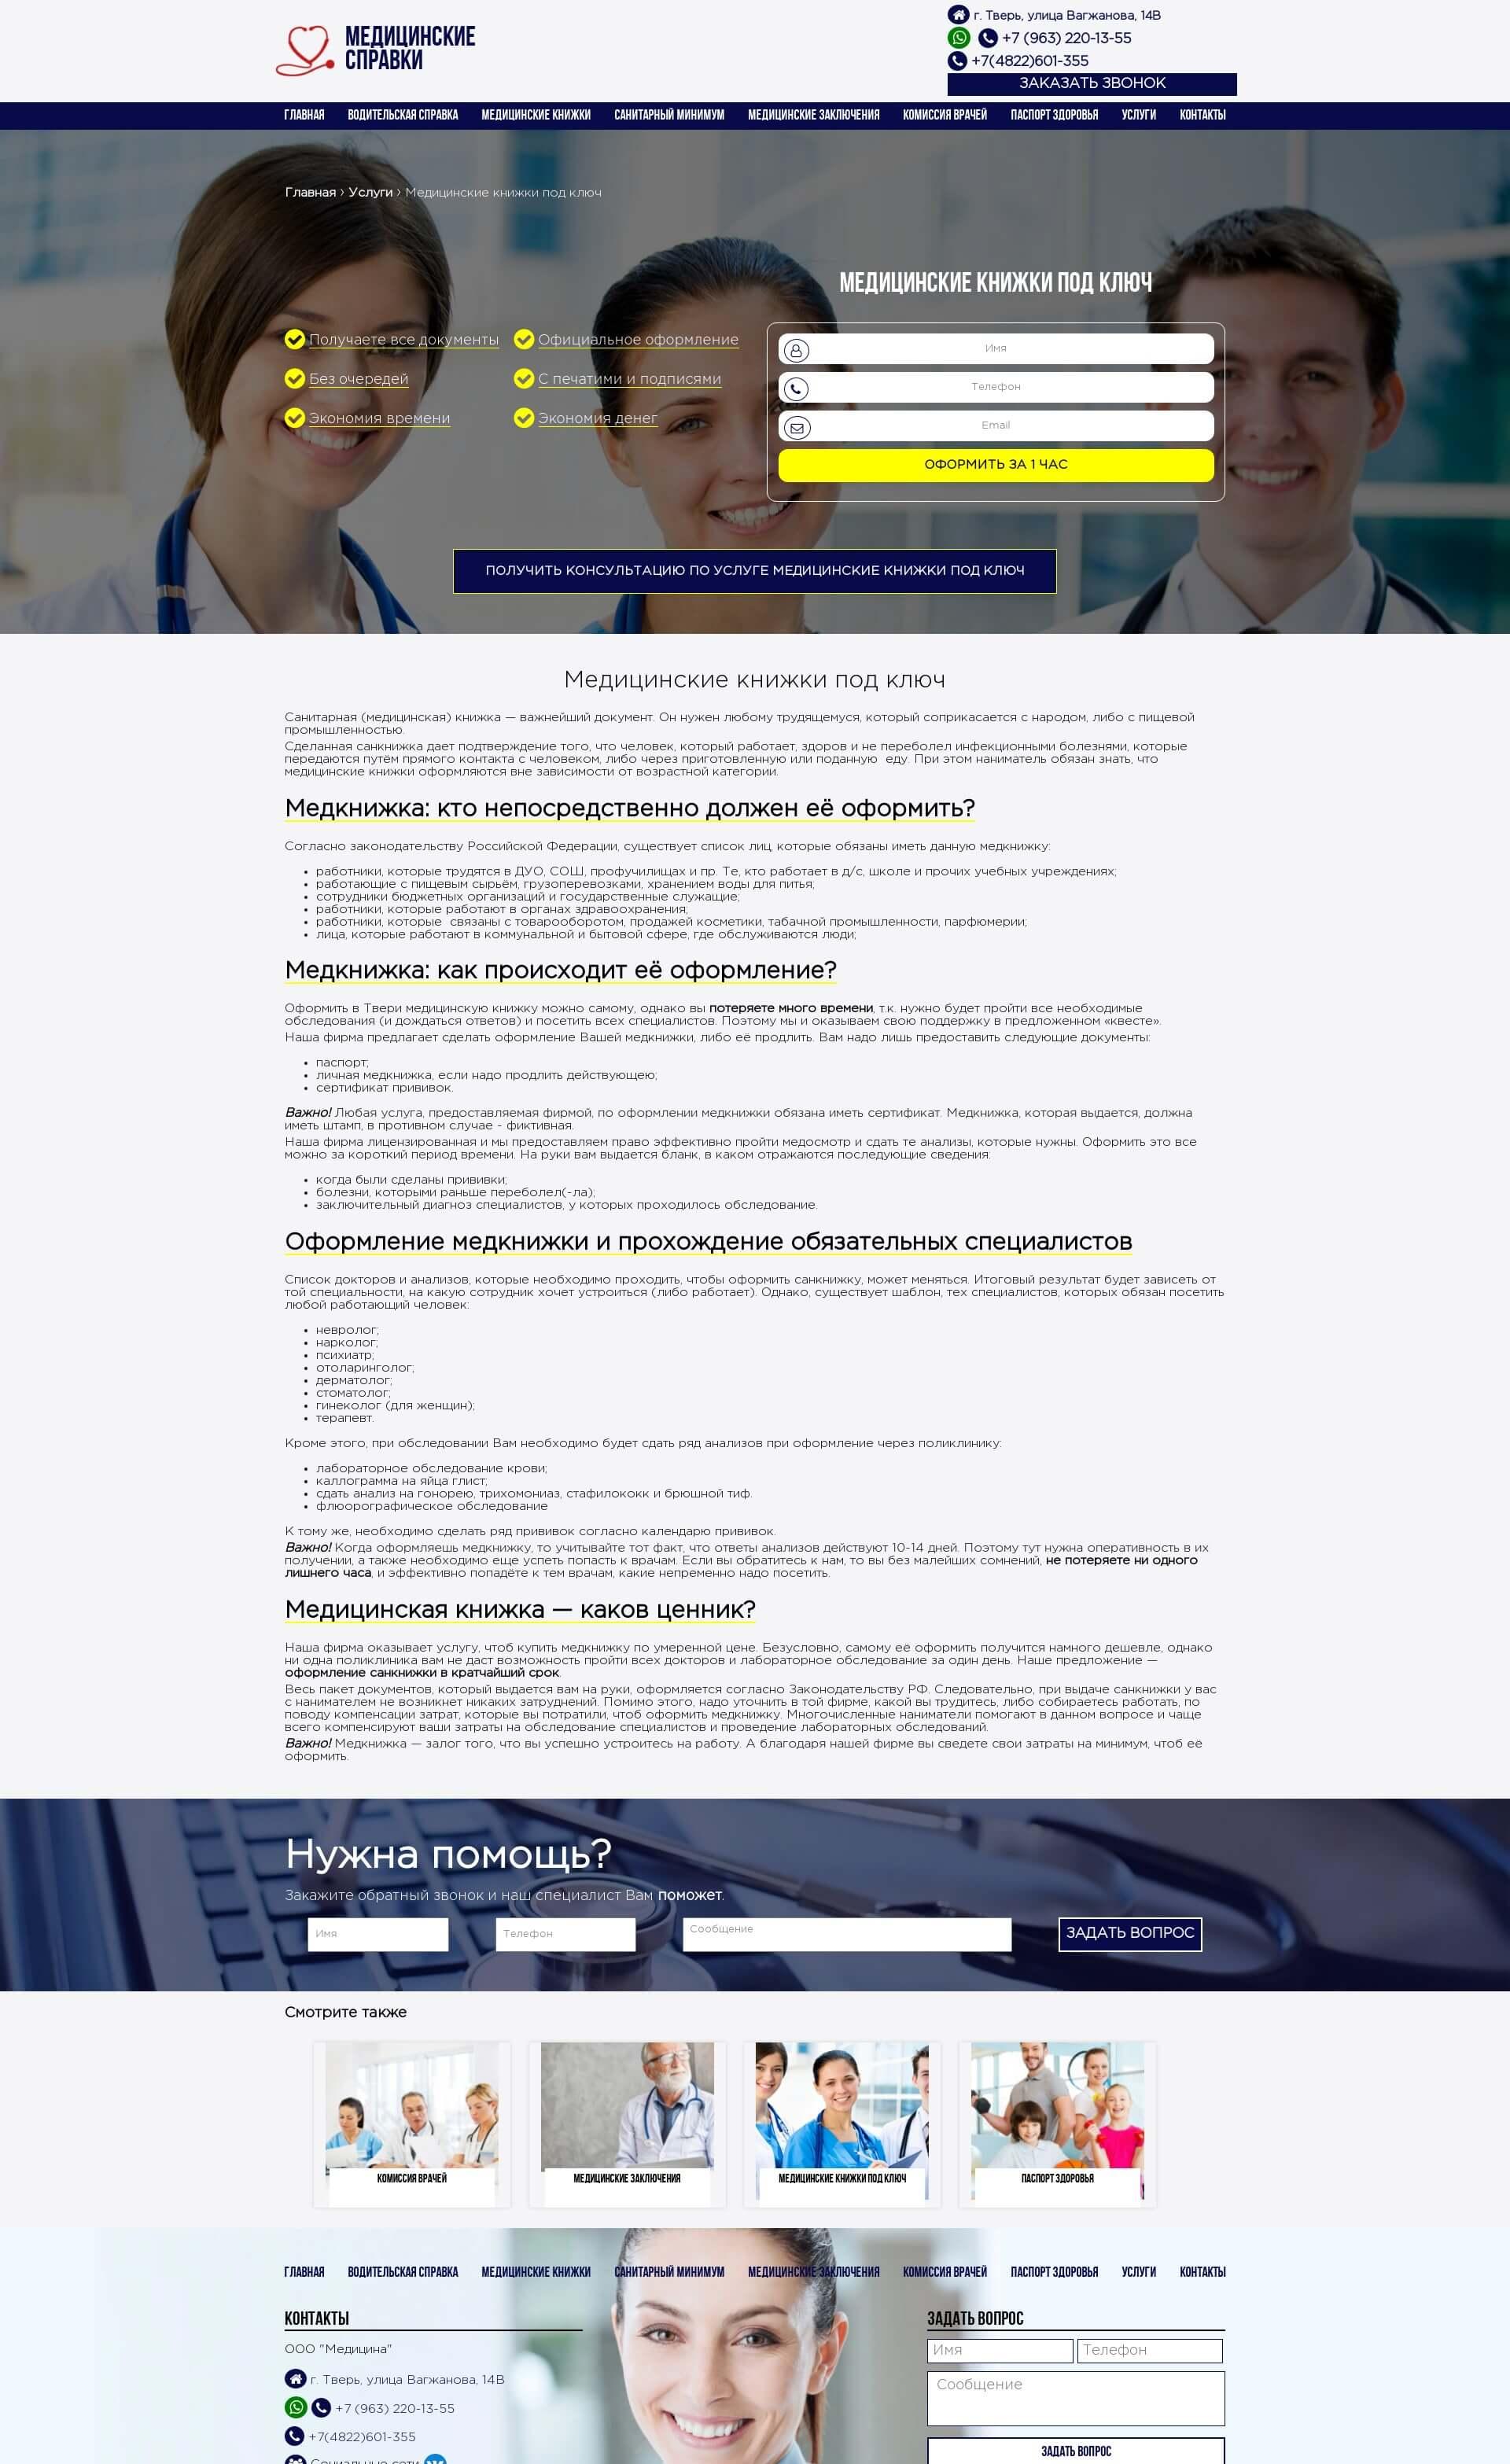 Скриншот №2 страницы сайта во весь экран. Сайт по медицинским справкам